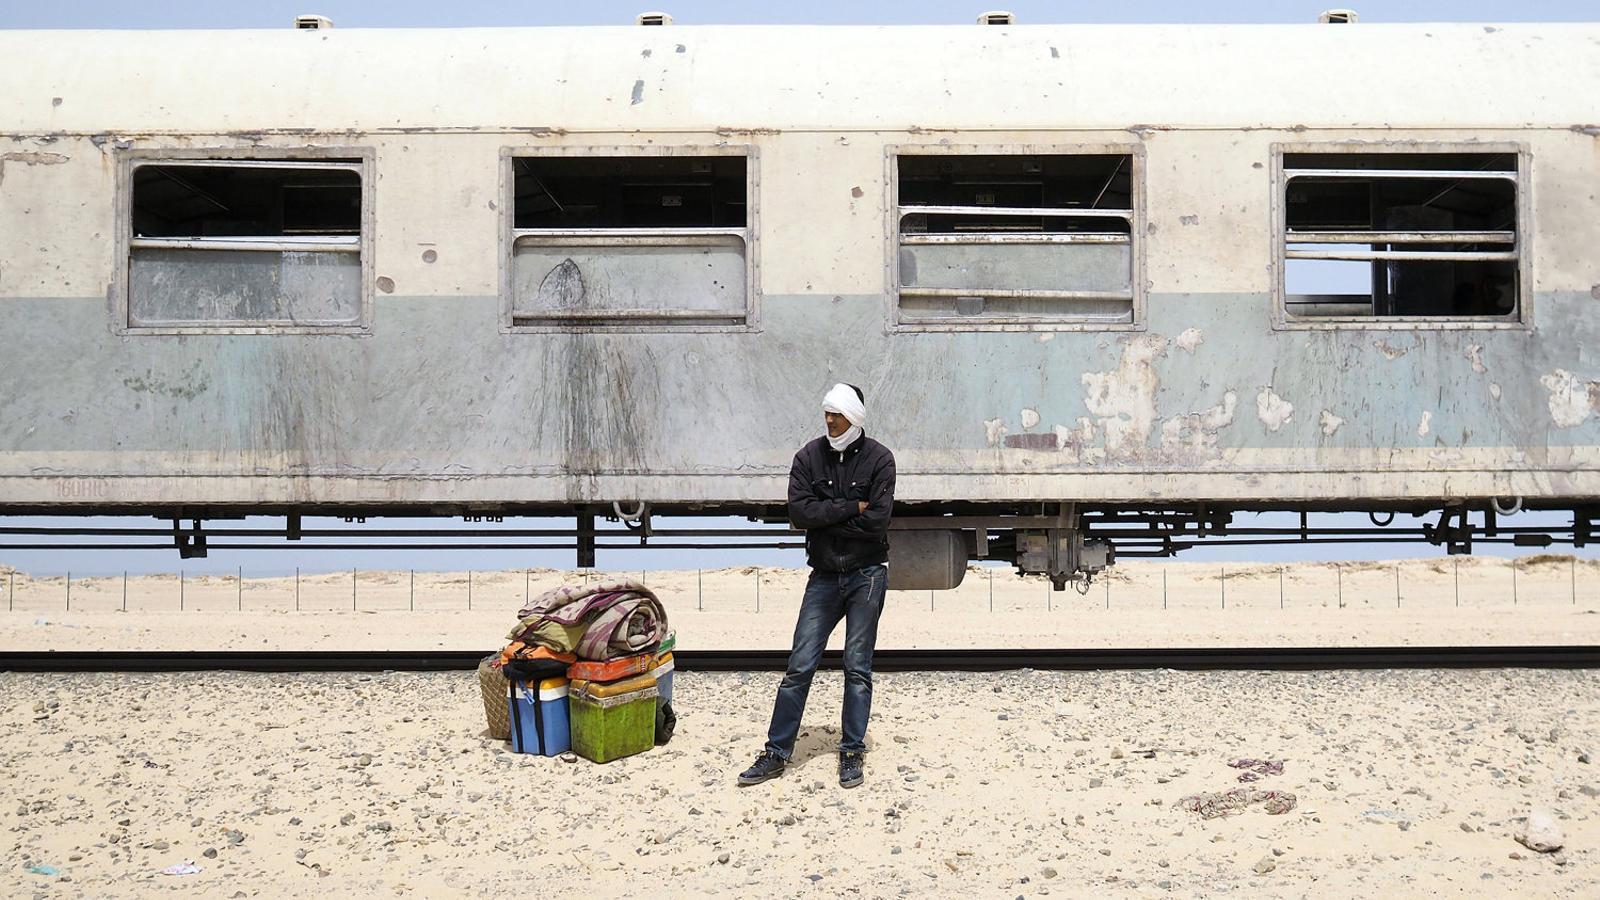 Treballador d'una mina de ferro esperant el seu transport a Nouadhibou, Mauritània.